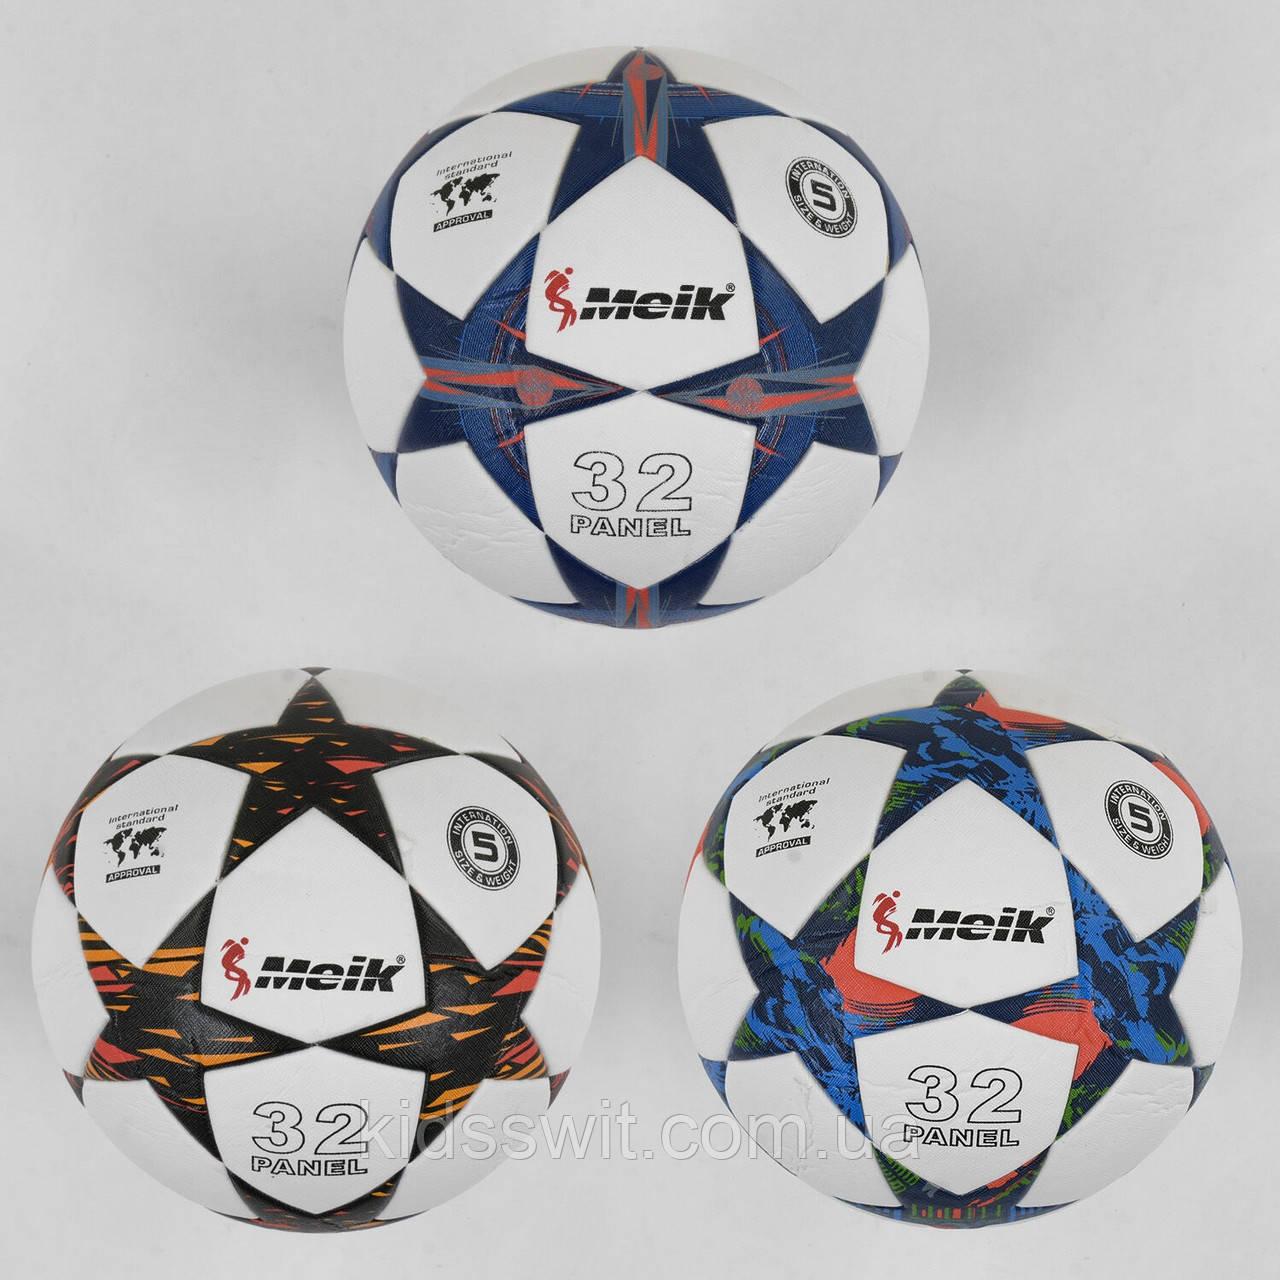 Мяч Футбольный, размер №5, 400 грамм, материал TPU, баллон резиновый с